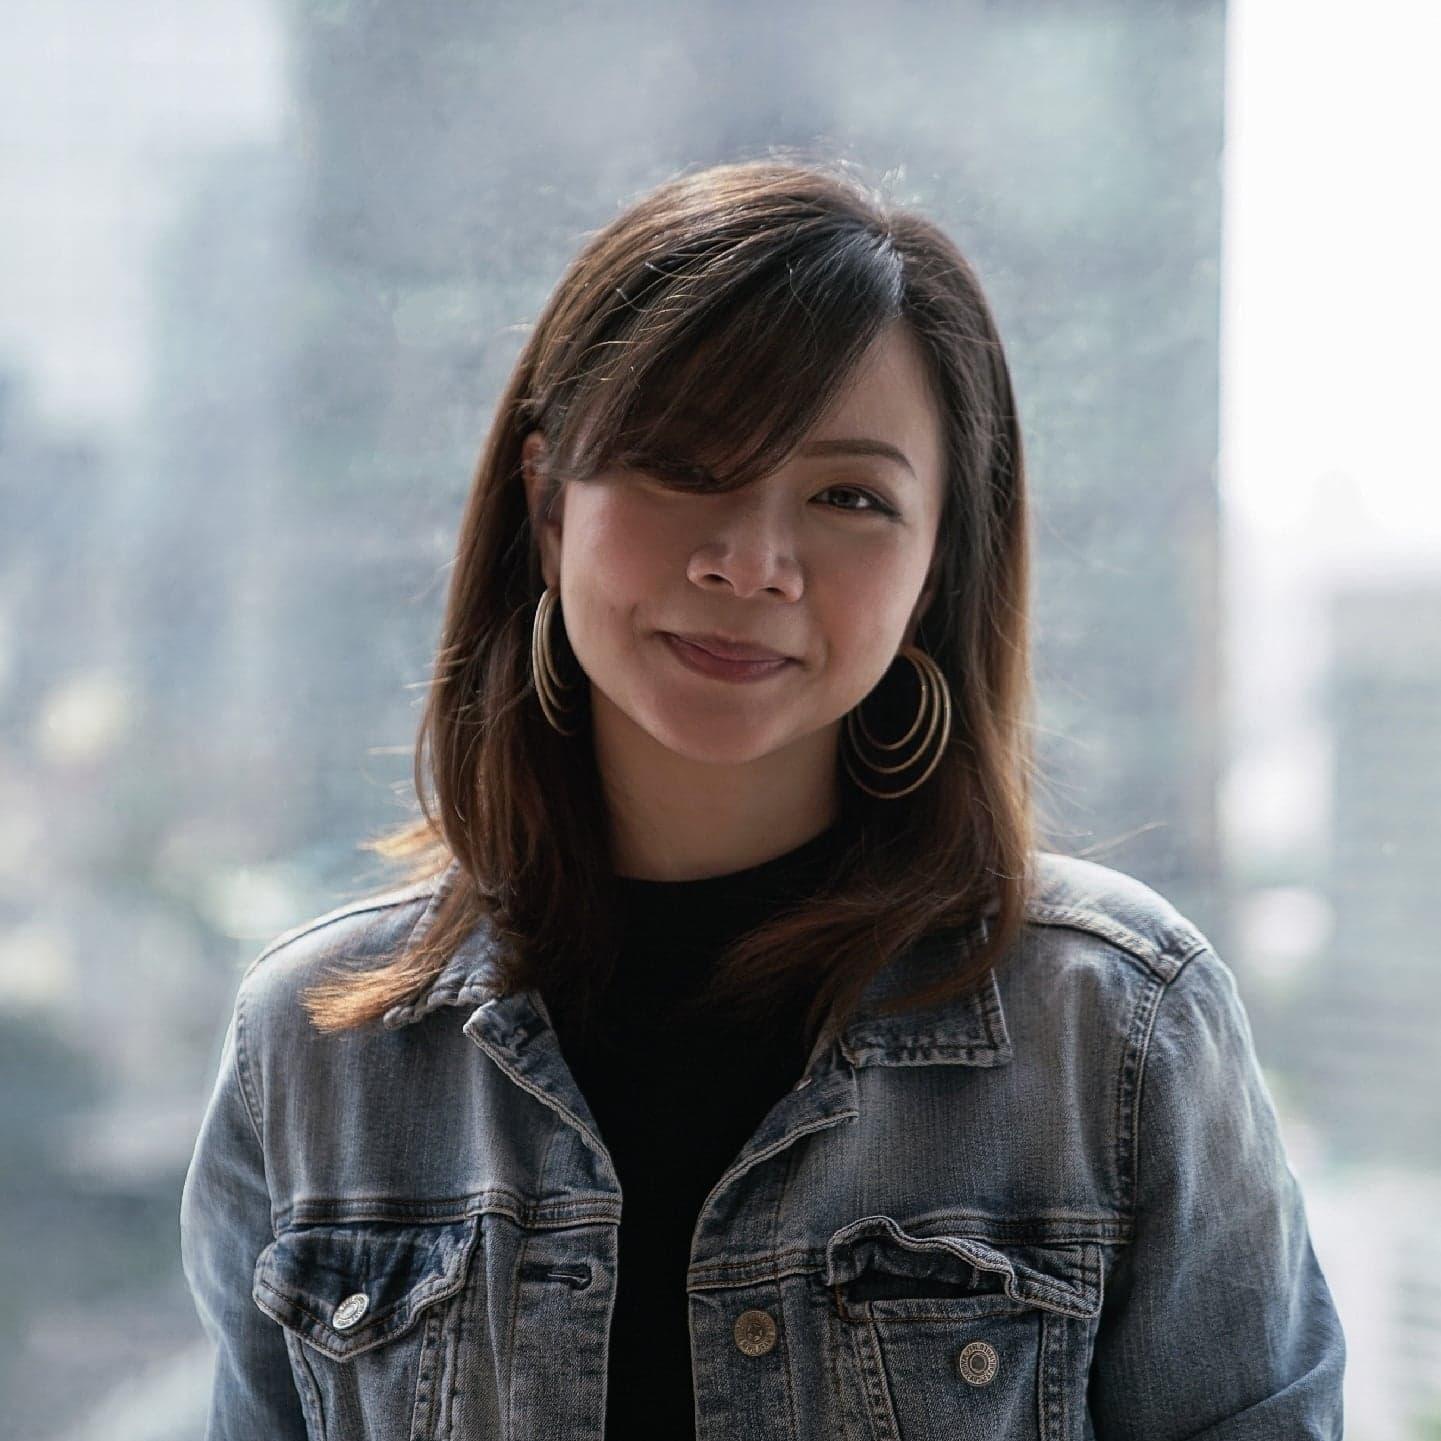 Jocelyn Kaylee Neo